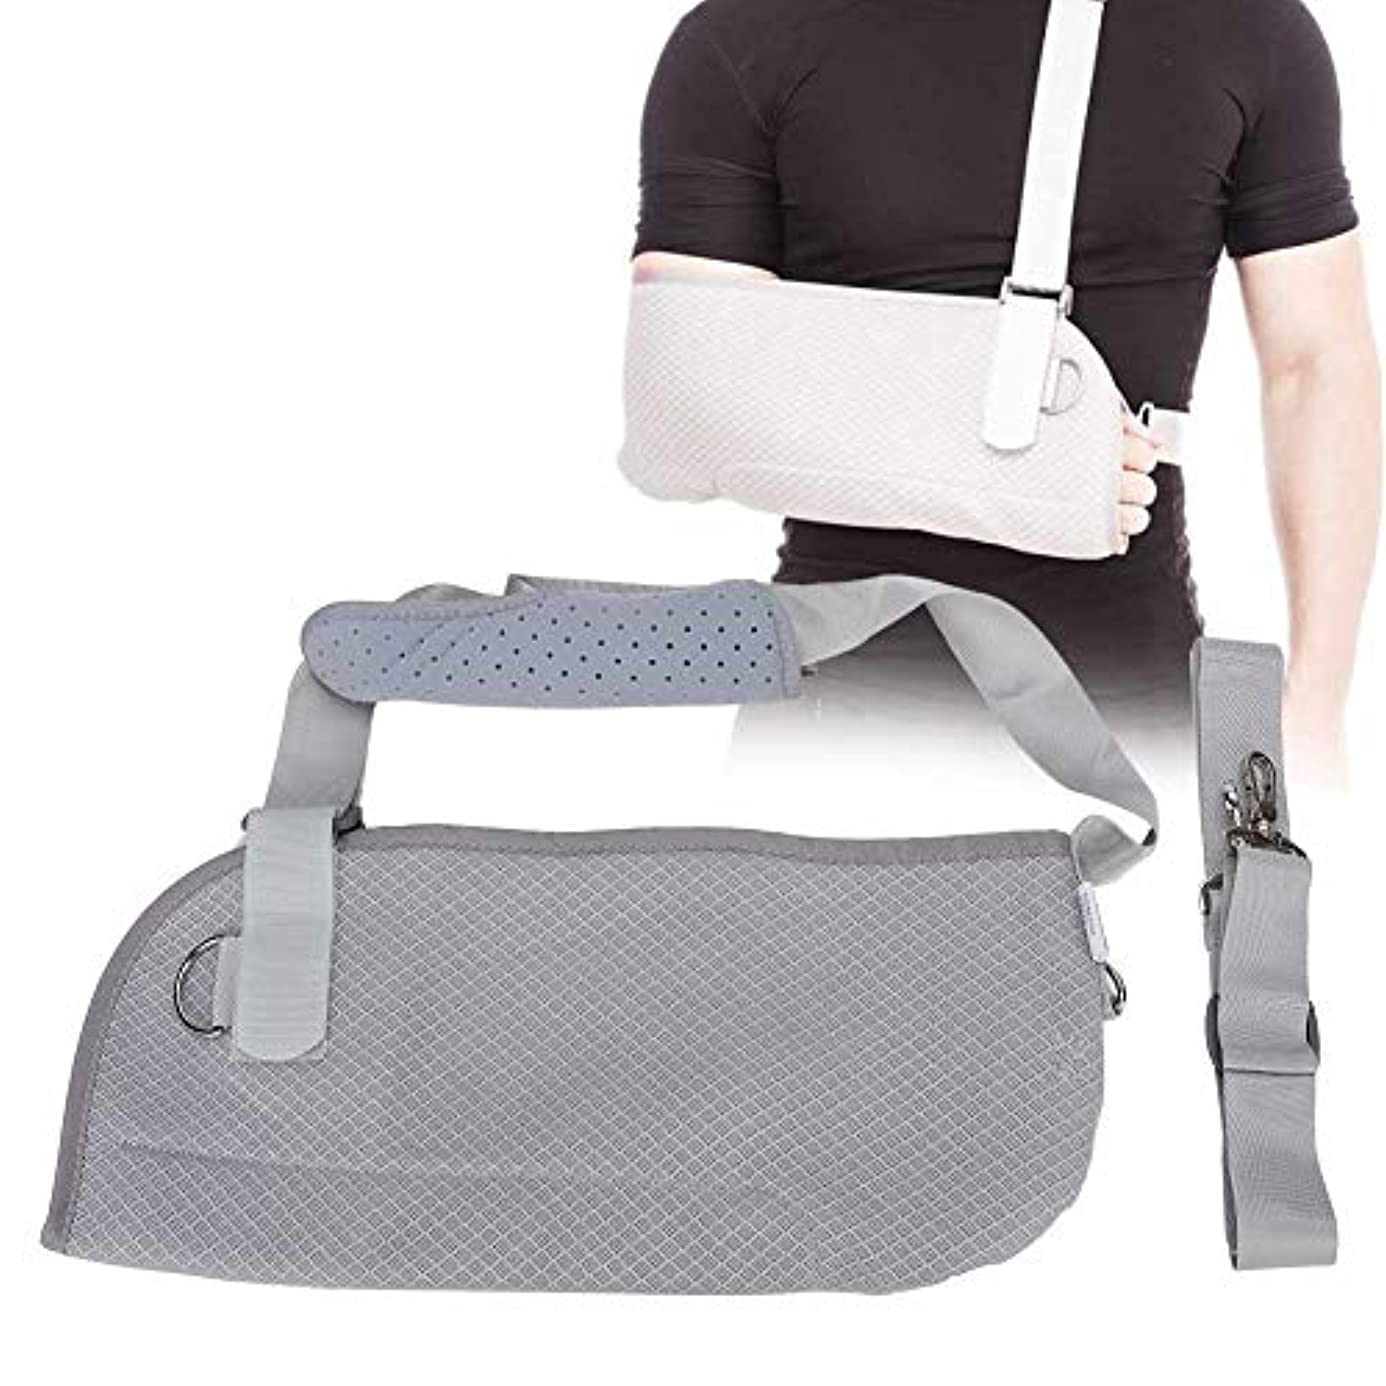 相互接続おもしろいメキシコ腕のスリング、調節可能な上腕装具、亜脱臼、脱臼、捻挫、手首の捻挫、前腕骨折治療